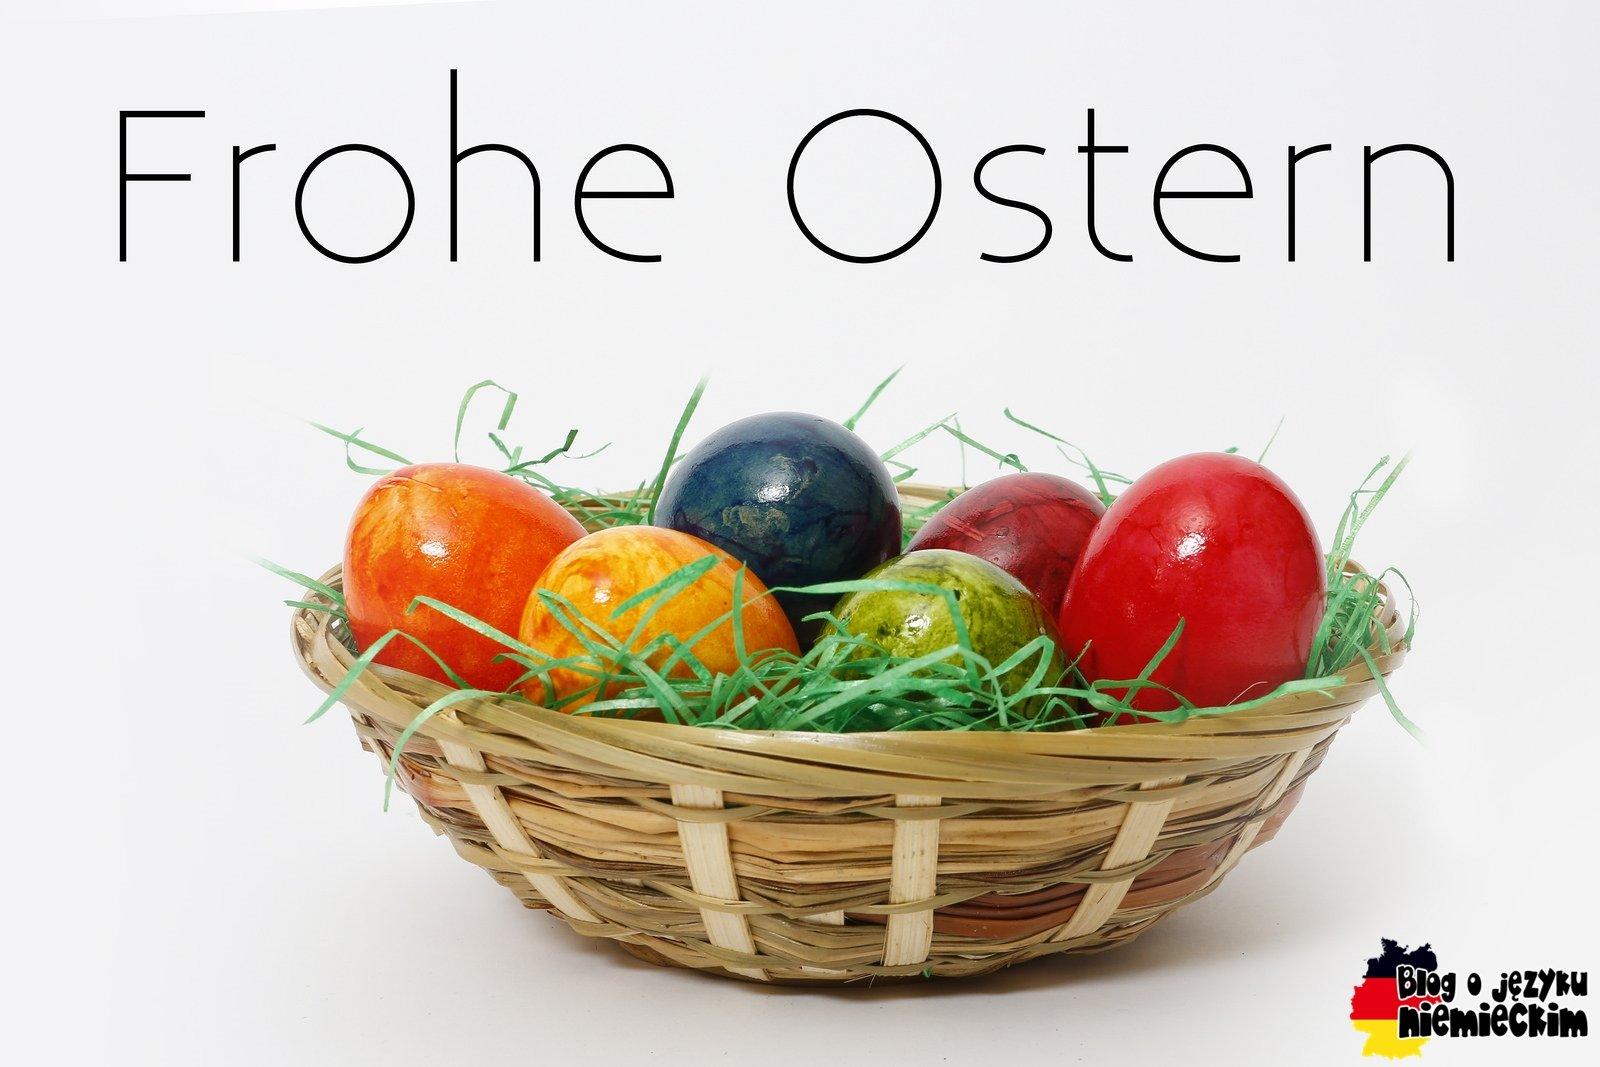 Kartki I życzenia Wielkanocne Po Niemiecku Z Tłumaczeniem Blog O